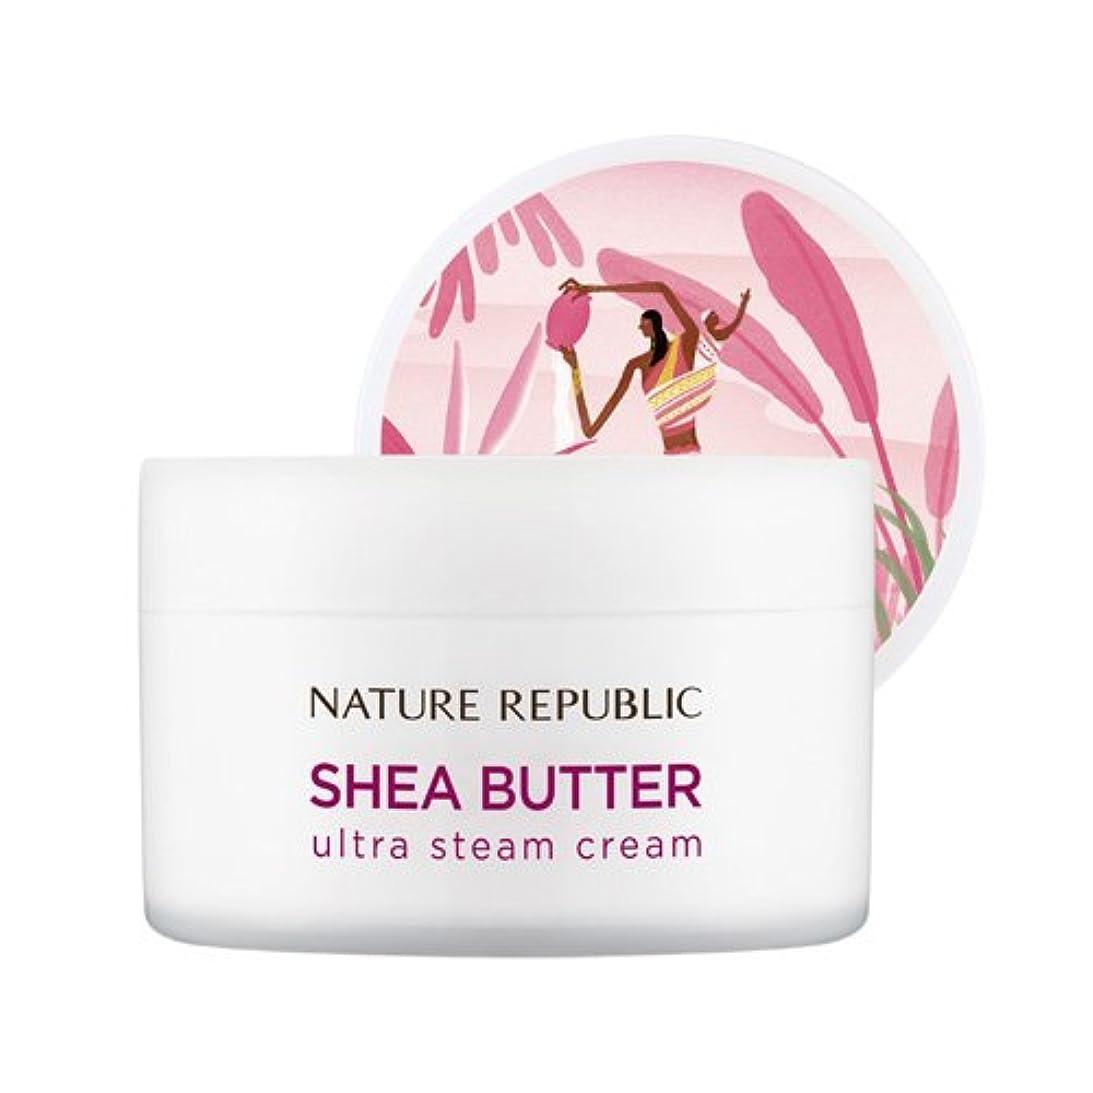 [ネイチャーリパブリック] NATURE REPUBLIC [スチームクリーム 100ml] (Shea Butter Steam Cream 100ml) (01 Ultra Steam Cream) [並行輸入品]